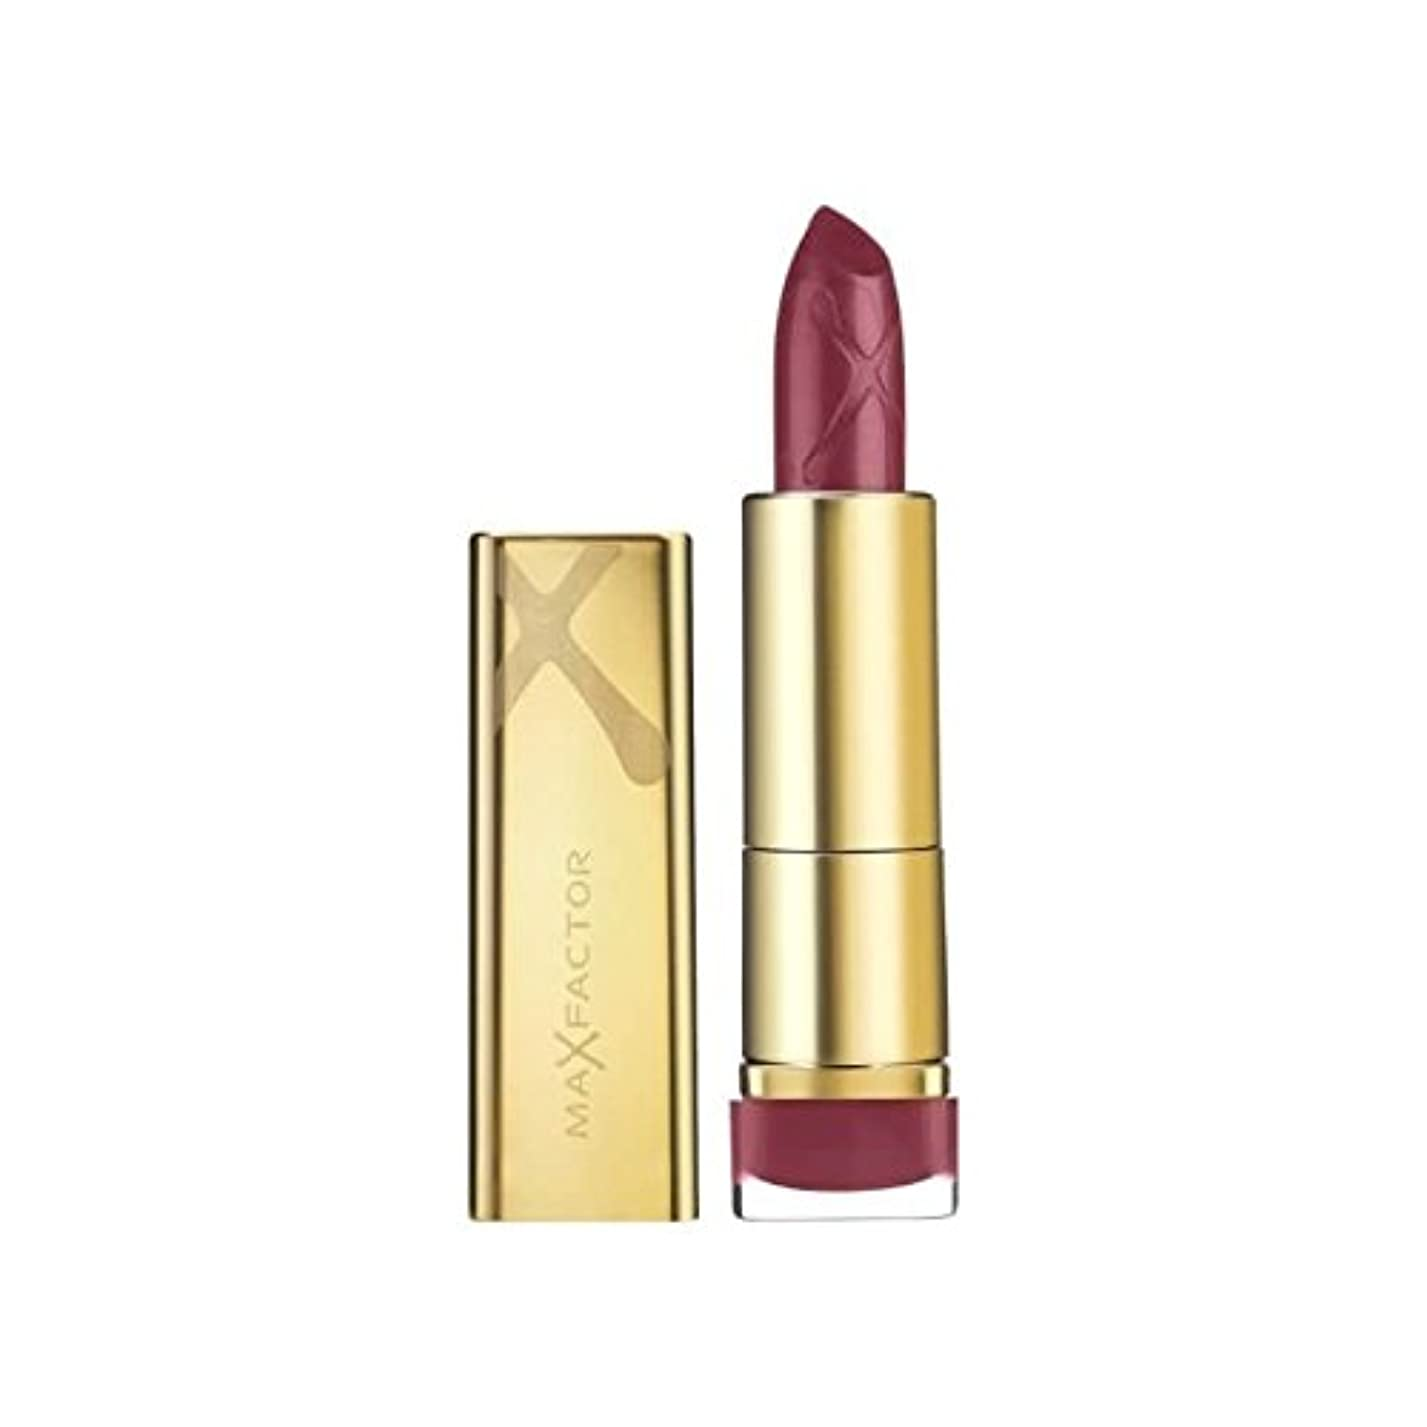 ライド分解する同種のマックスファクターカラーエリクシルの口紅レーズン894 x2 - Max Factor Colour Elixir Lipstick Raisin 894 (Pack of 2) [並行輸入品]